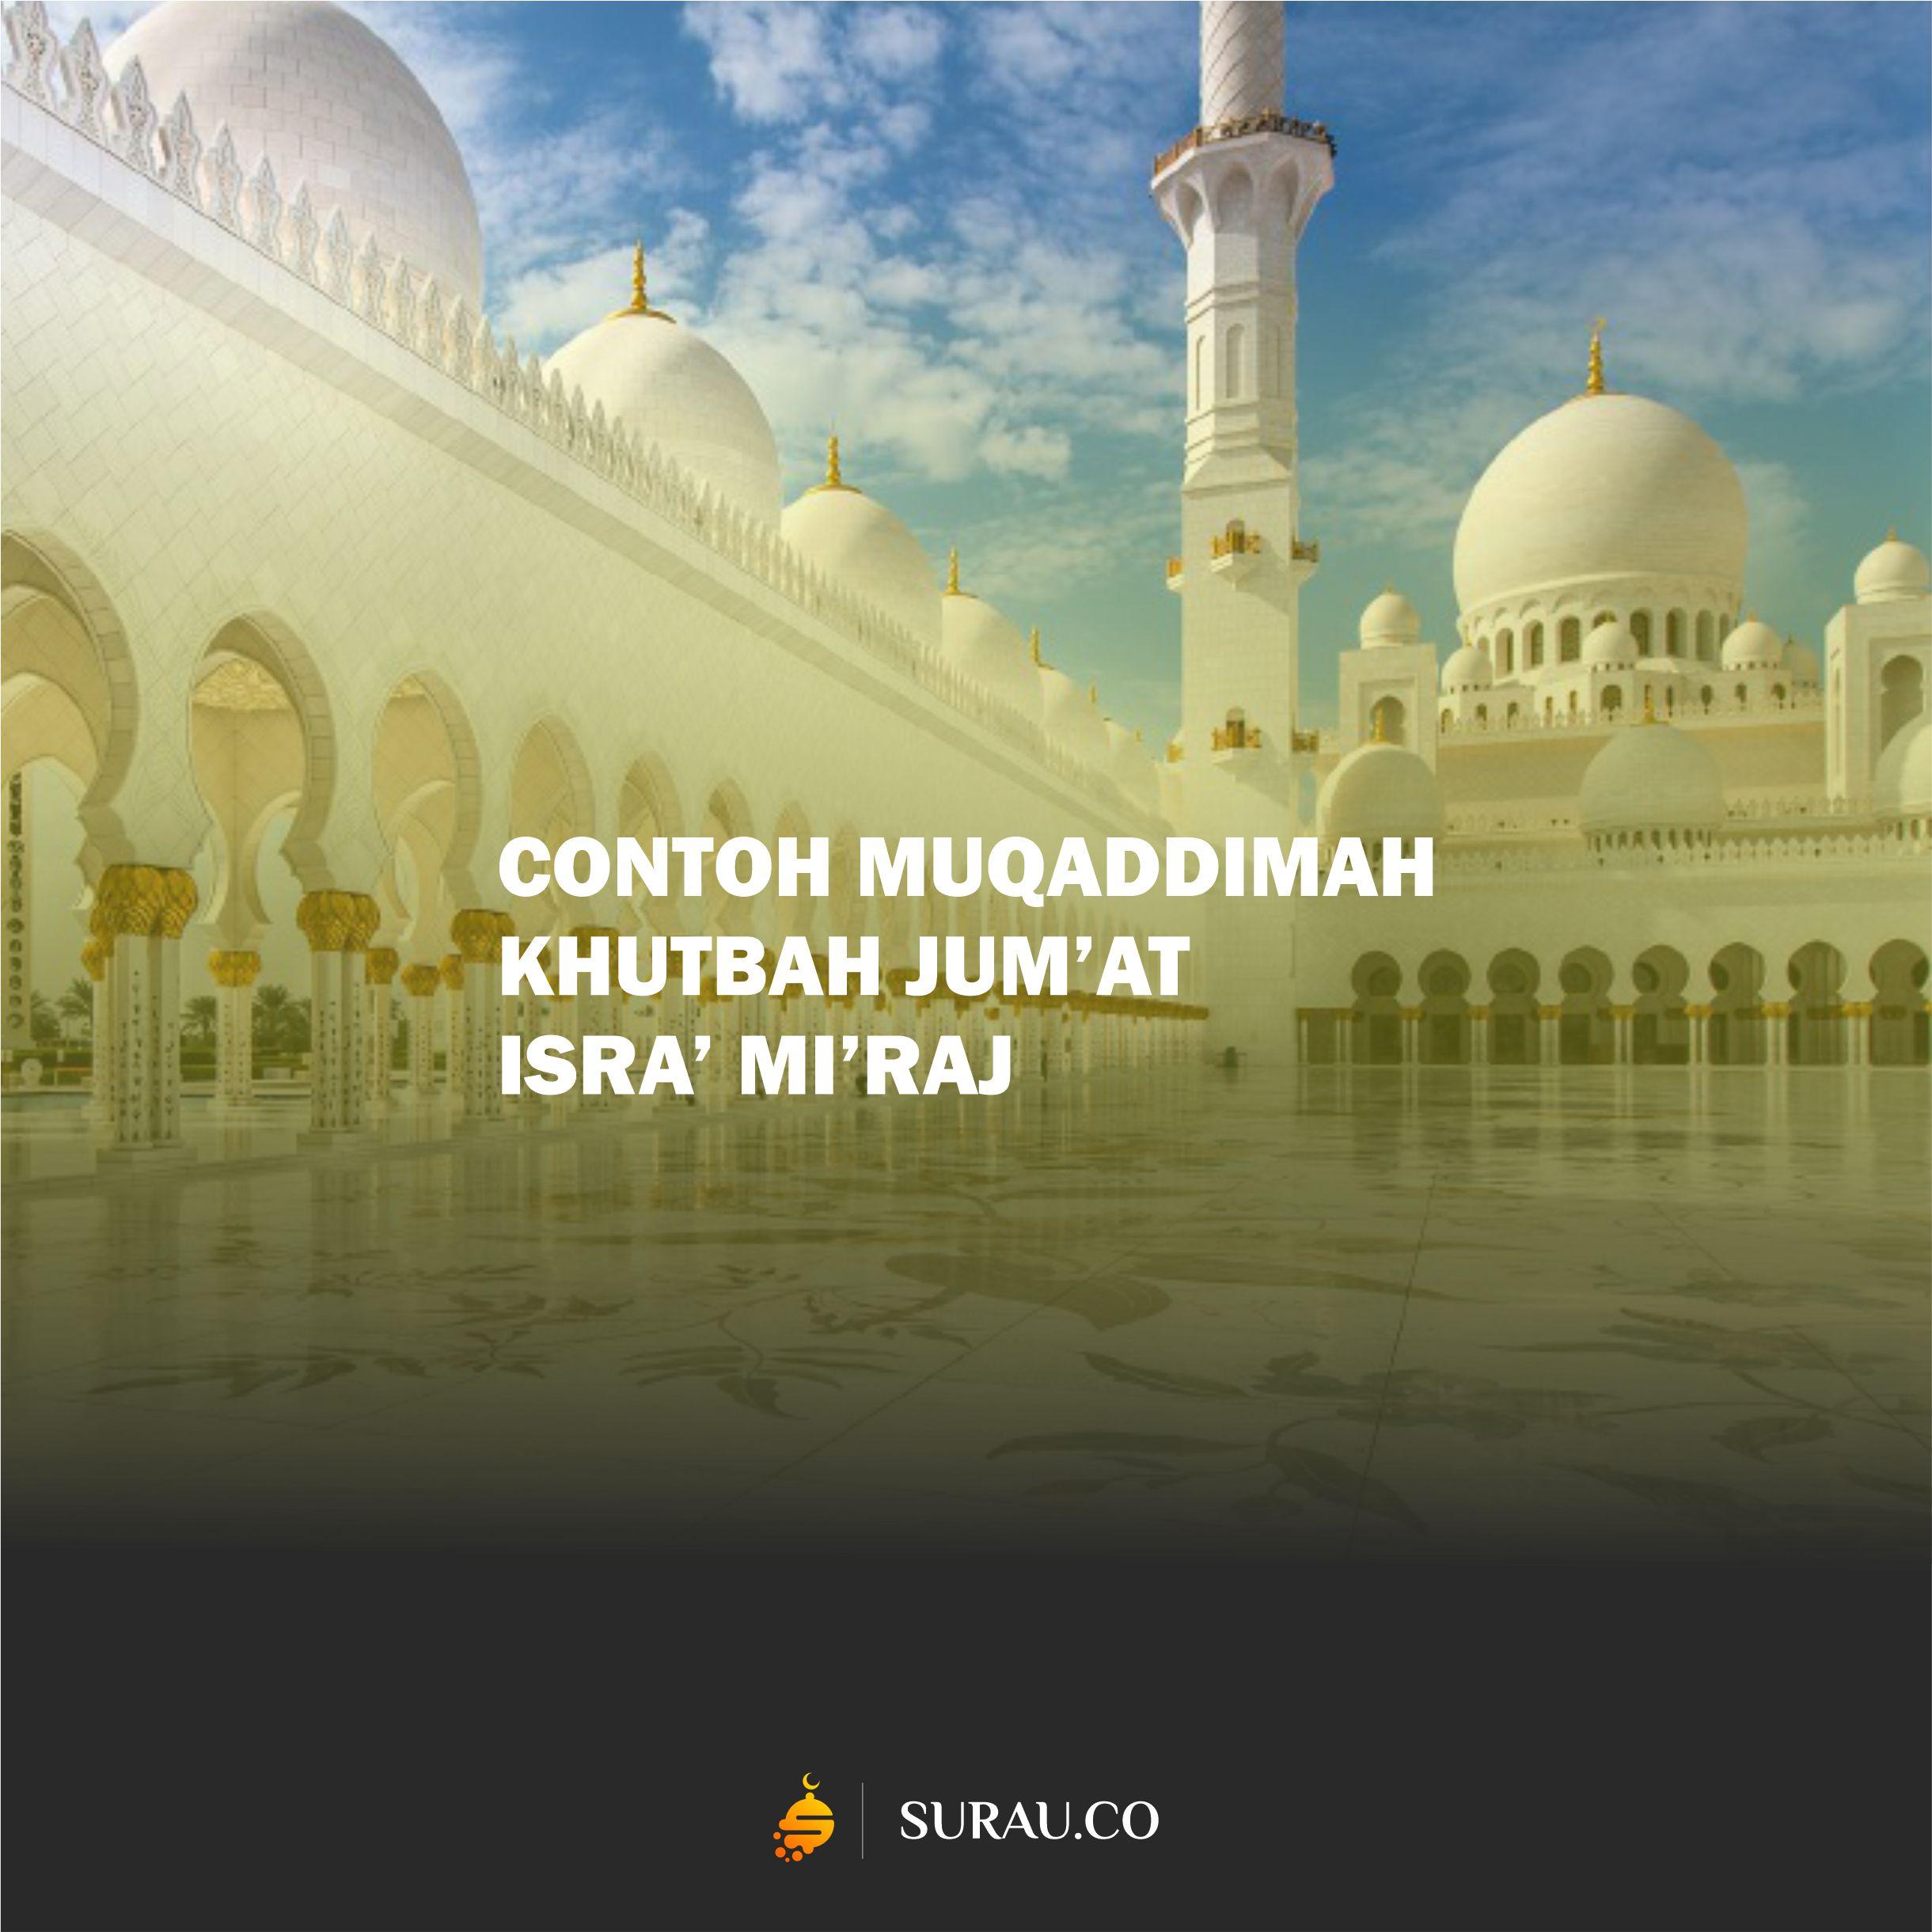 SURAU contoh khutbah muqaddimah isra miraj